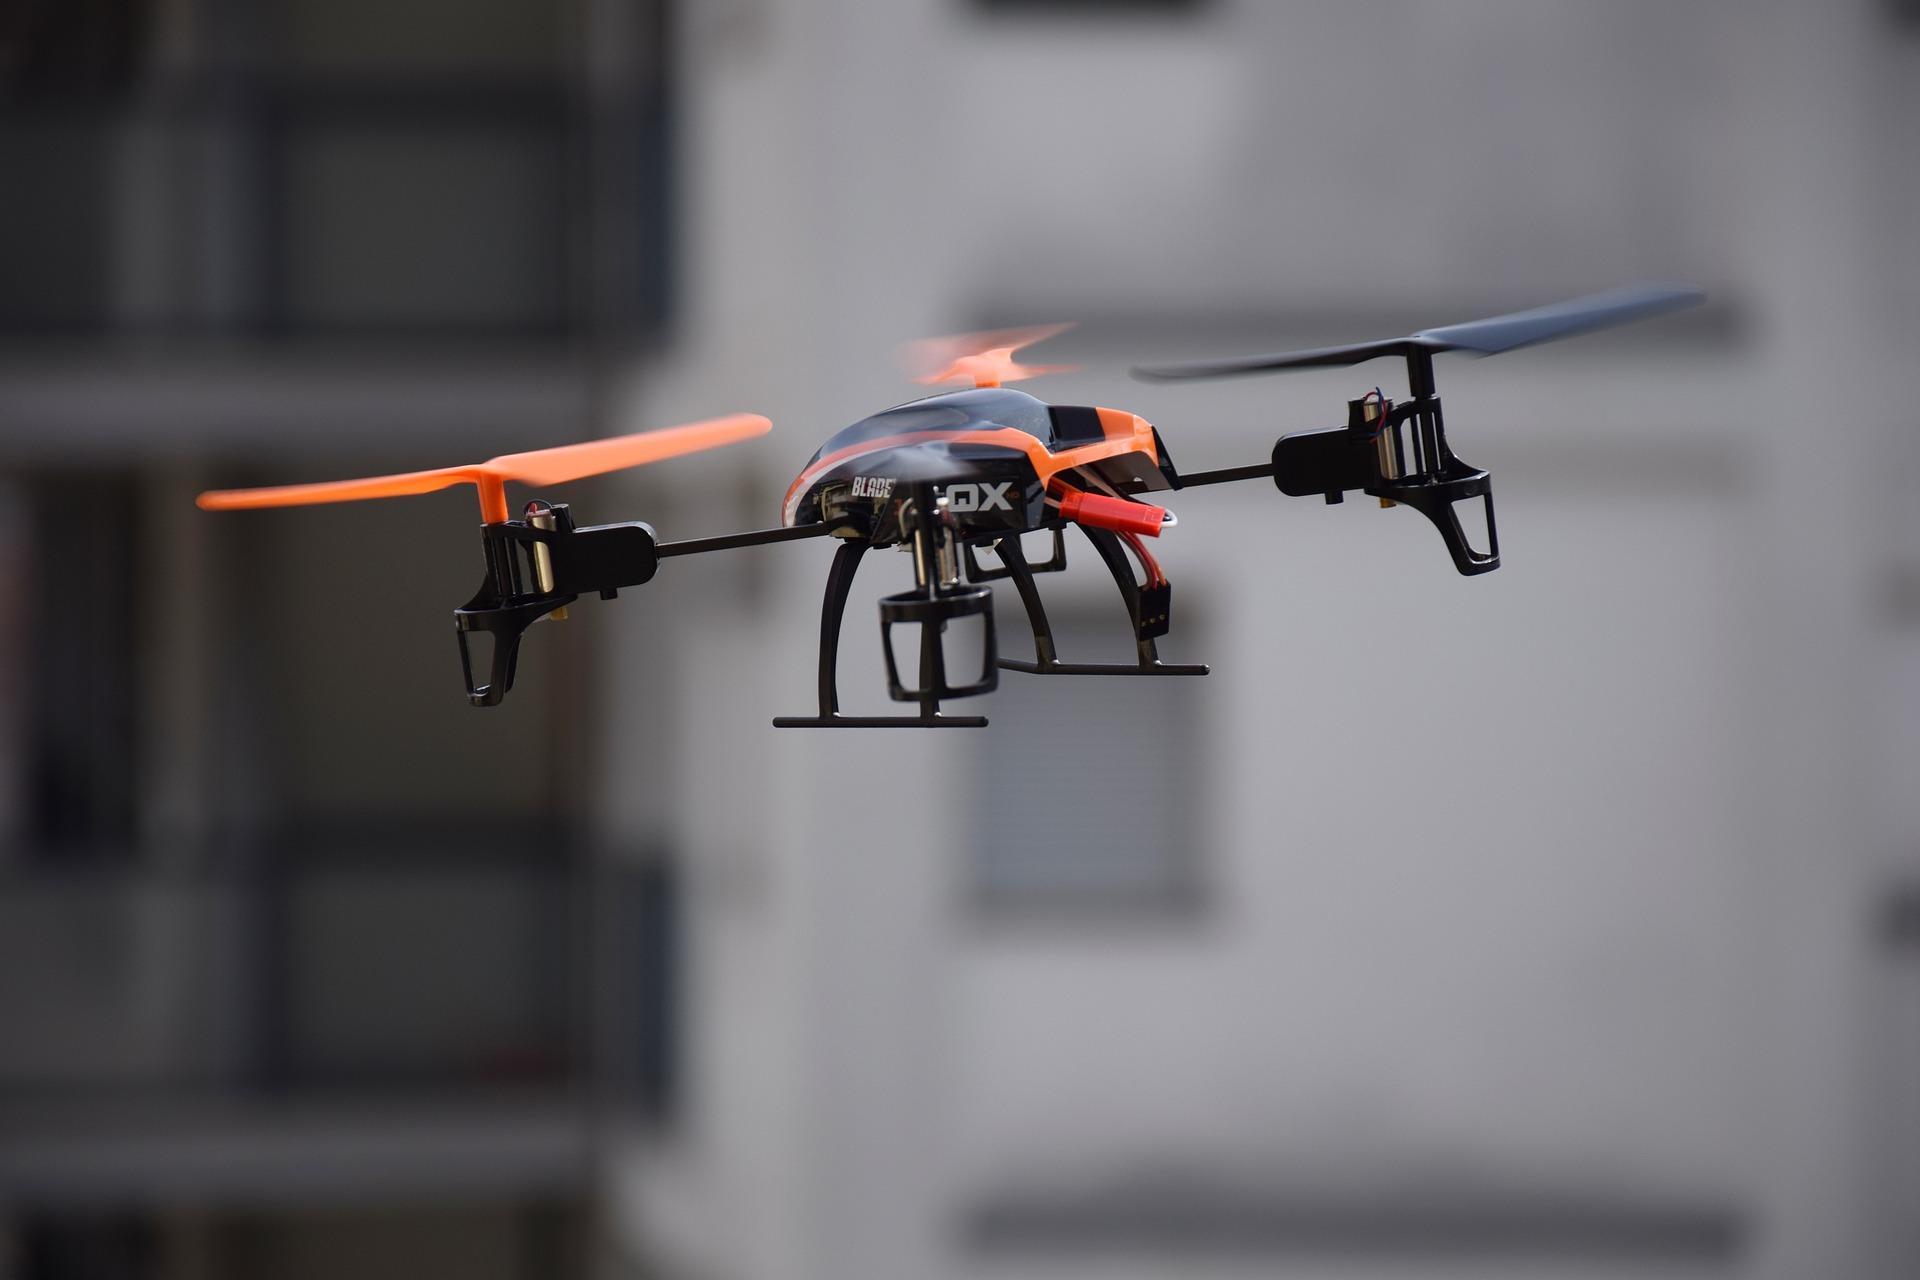 В Києві дрони слідкуватимуть за громадським порядком